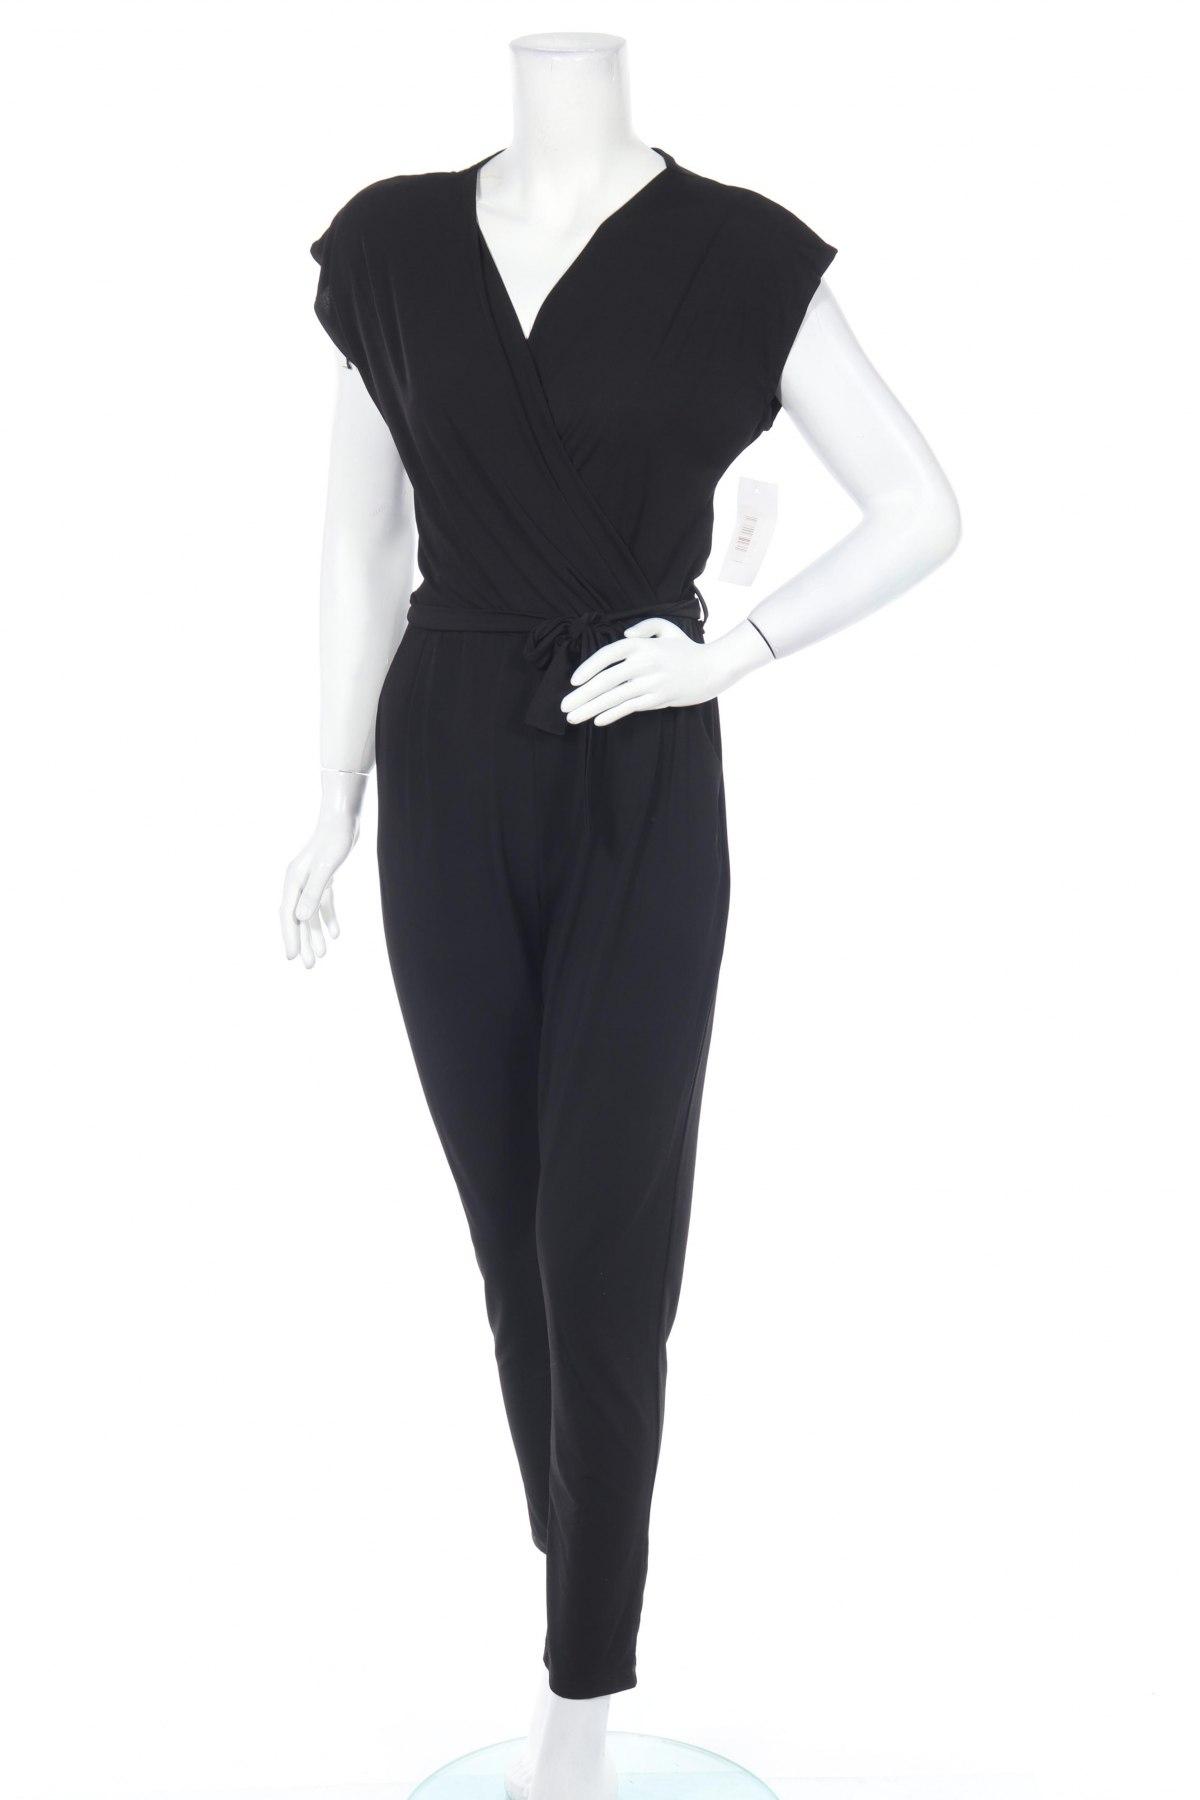 Γυναικεία σαλοπέτα La Petite Parisienne, Μέγεθος M, Χρώμα Μαύρο, 95% πολυεστέρας, 5% ελαστάνη, Τιμή 20,41€